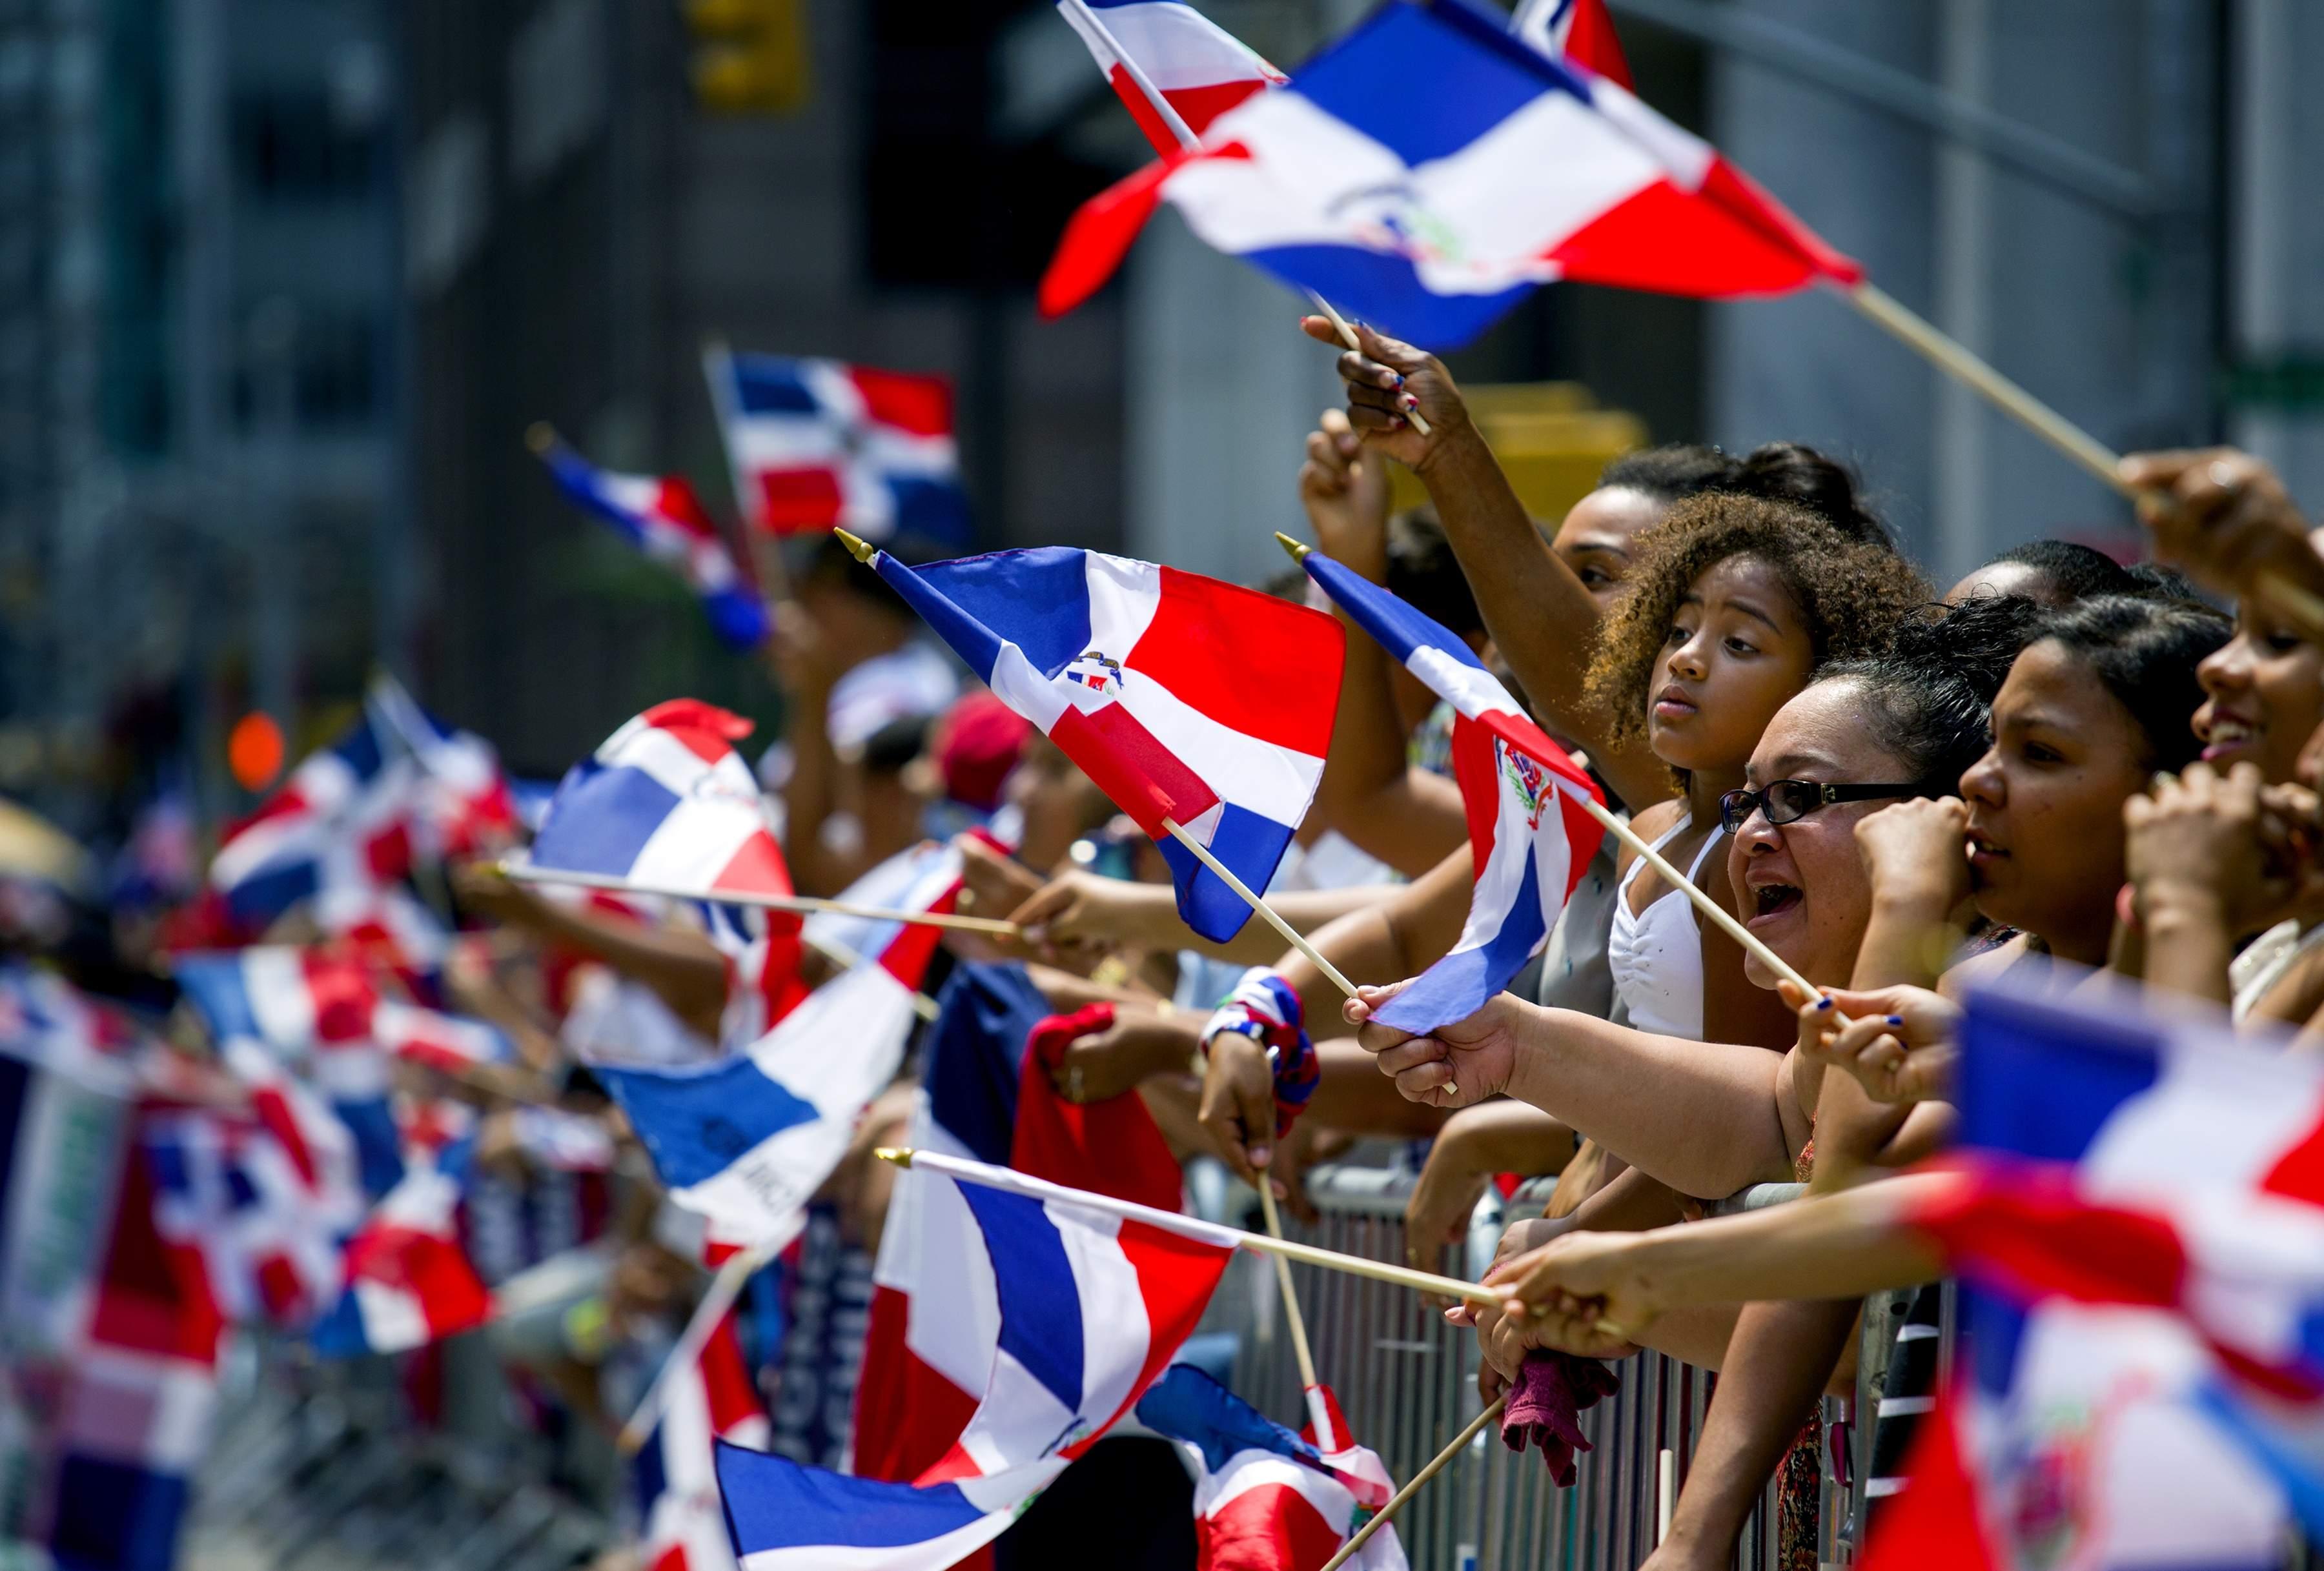 Dominicanos residentes en EE.UU buscan gobierno estadounidense presione esclarecer el caso Odebrecht en RD